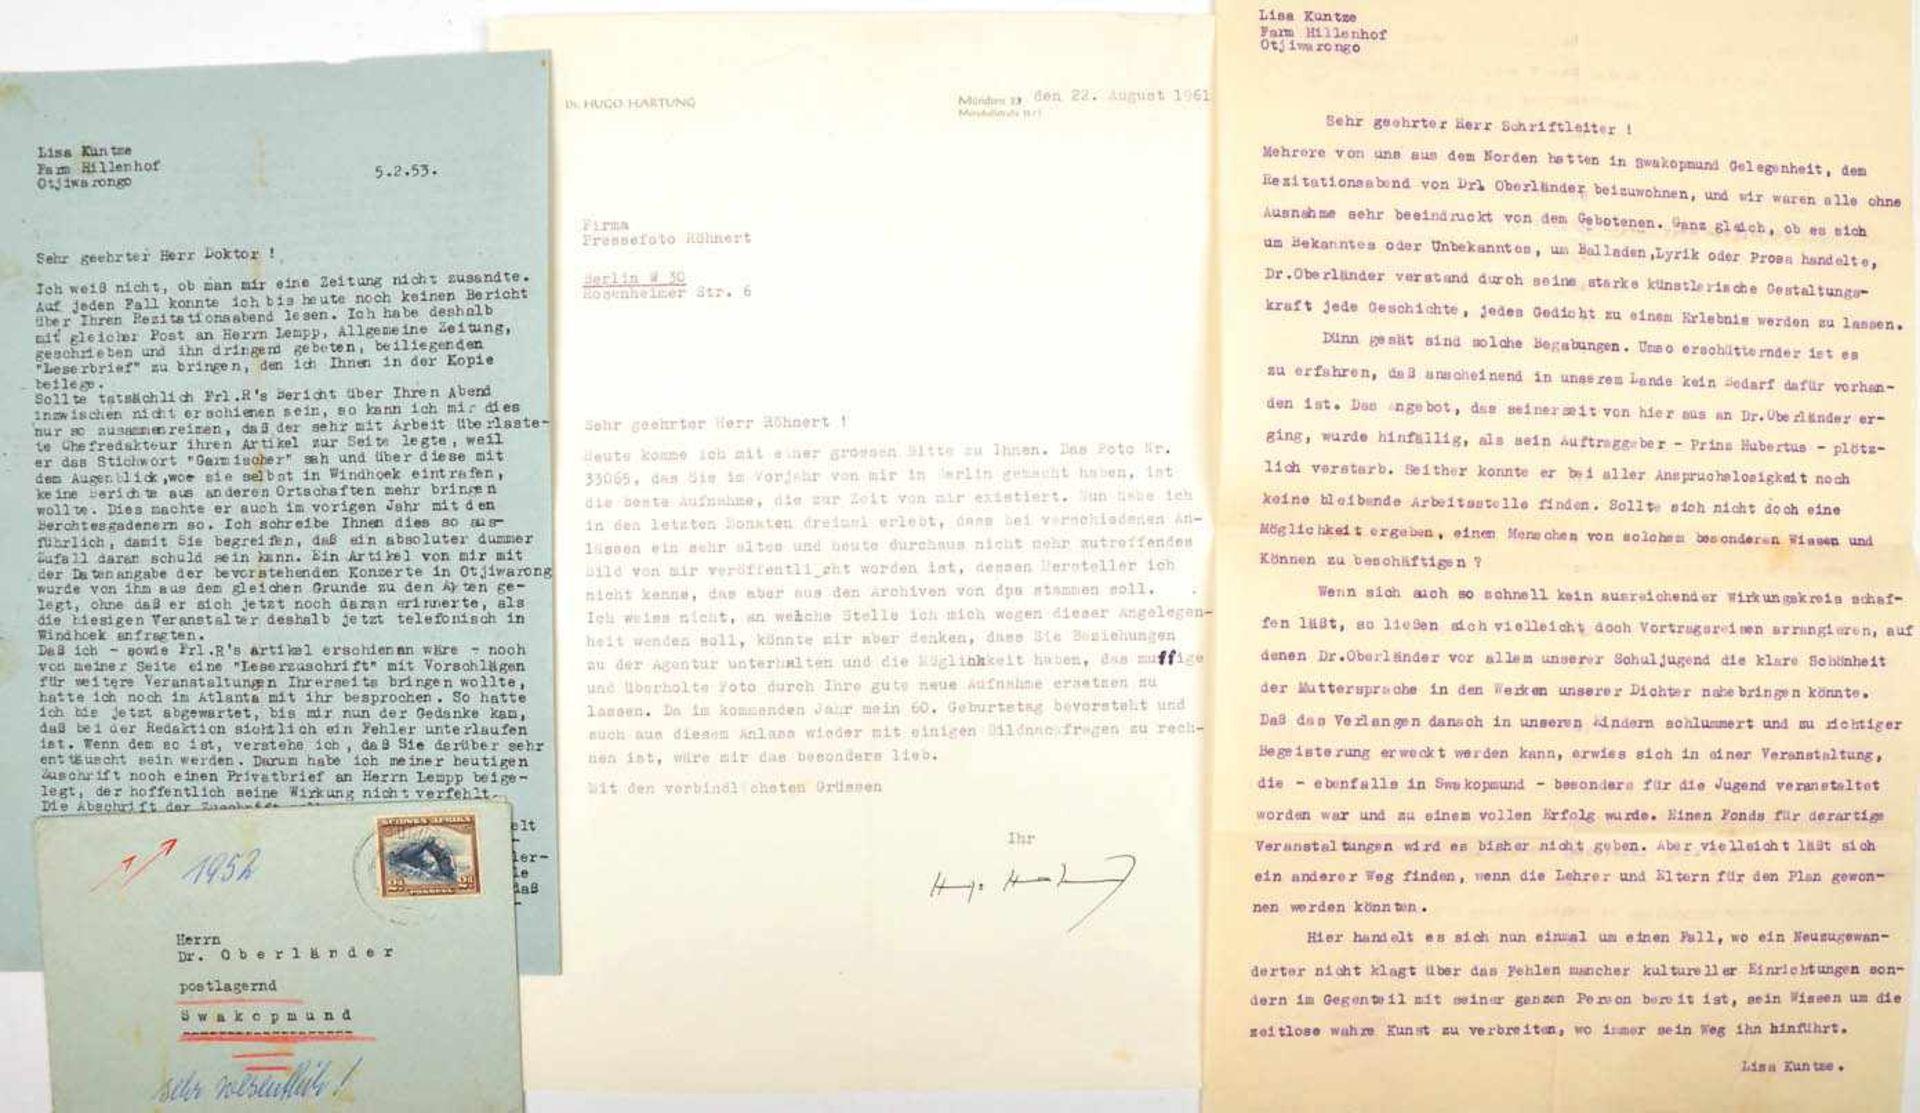 KUNTZE, LISA, (1909-2001), dt. Schriftstellerin, seit 1949 in Südwestafrika, Brief 5.2.1953, m.